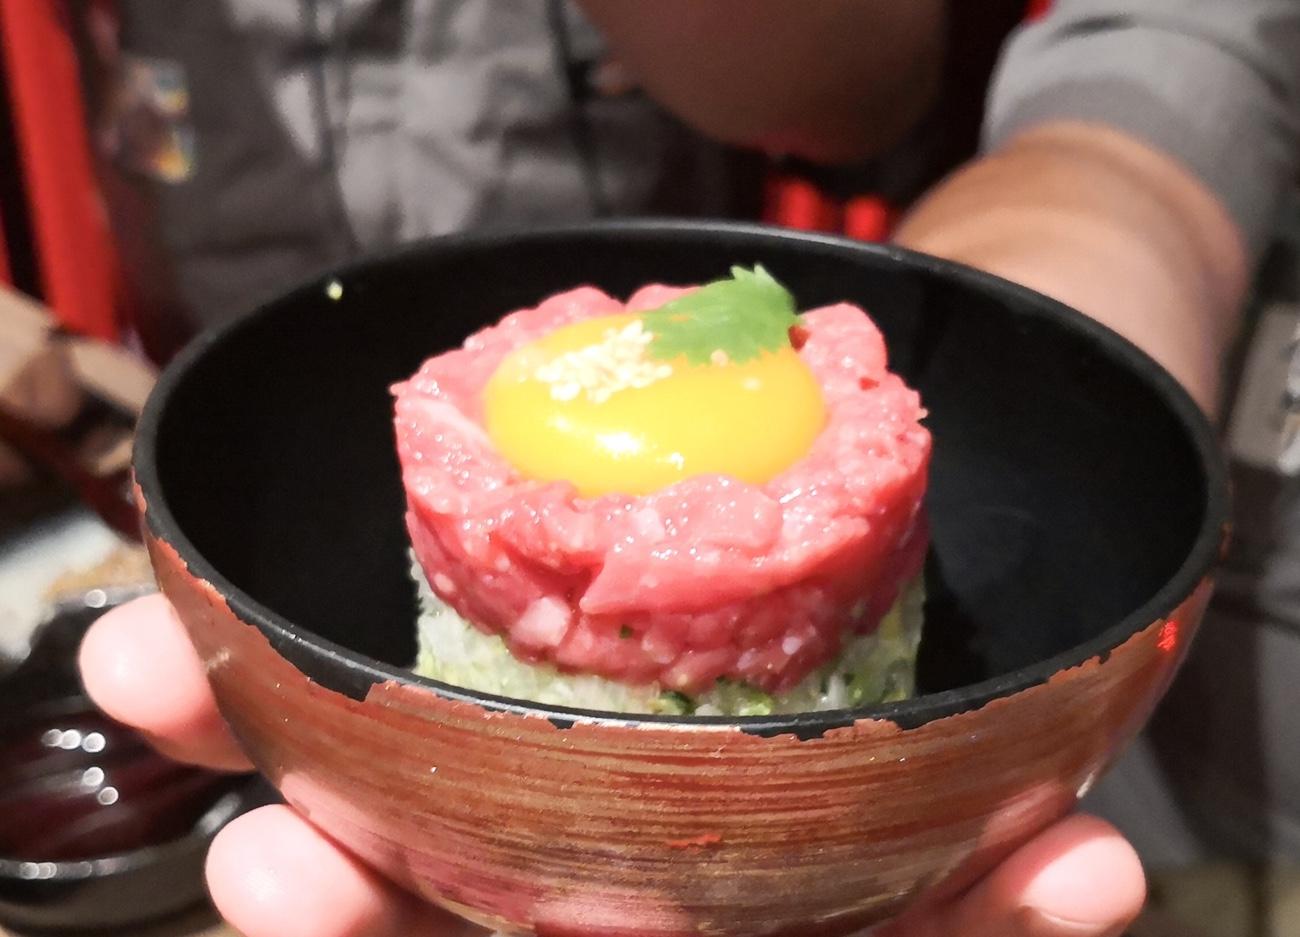 ユッケが食べられる新日本焼肉党クアラルンプールグルメ